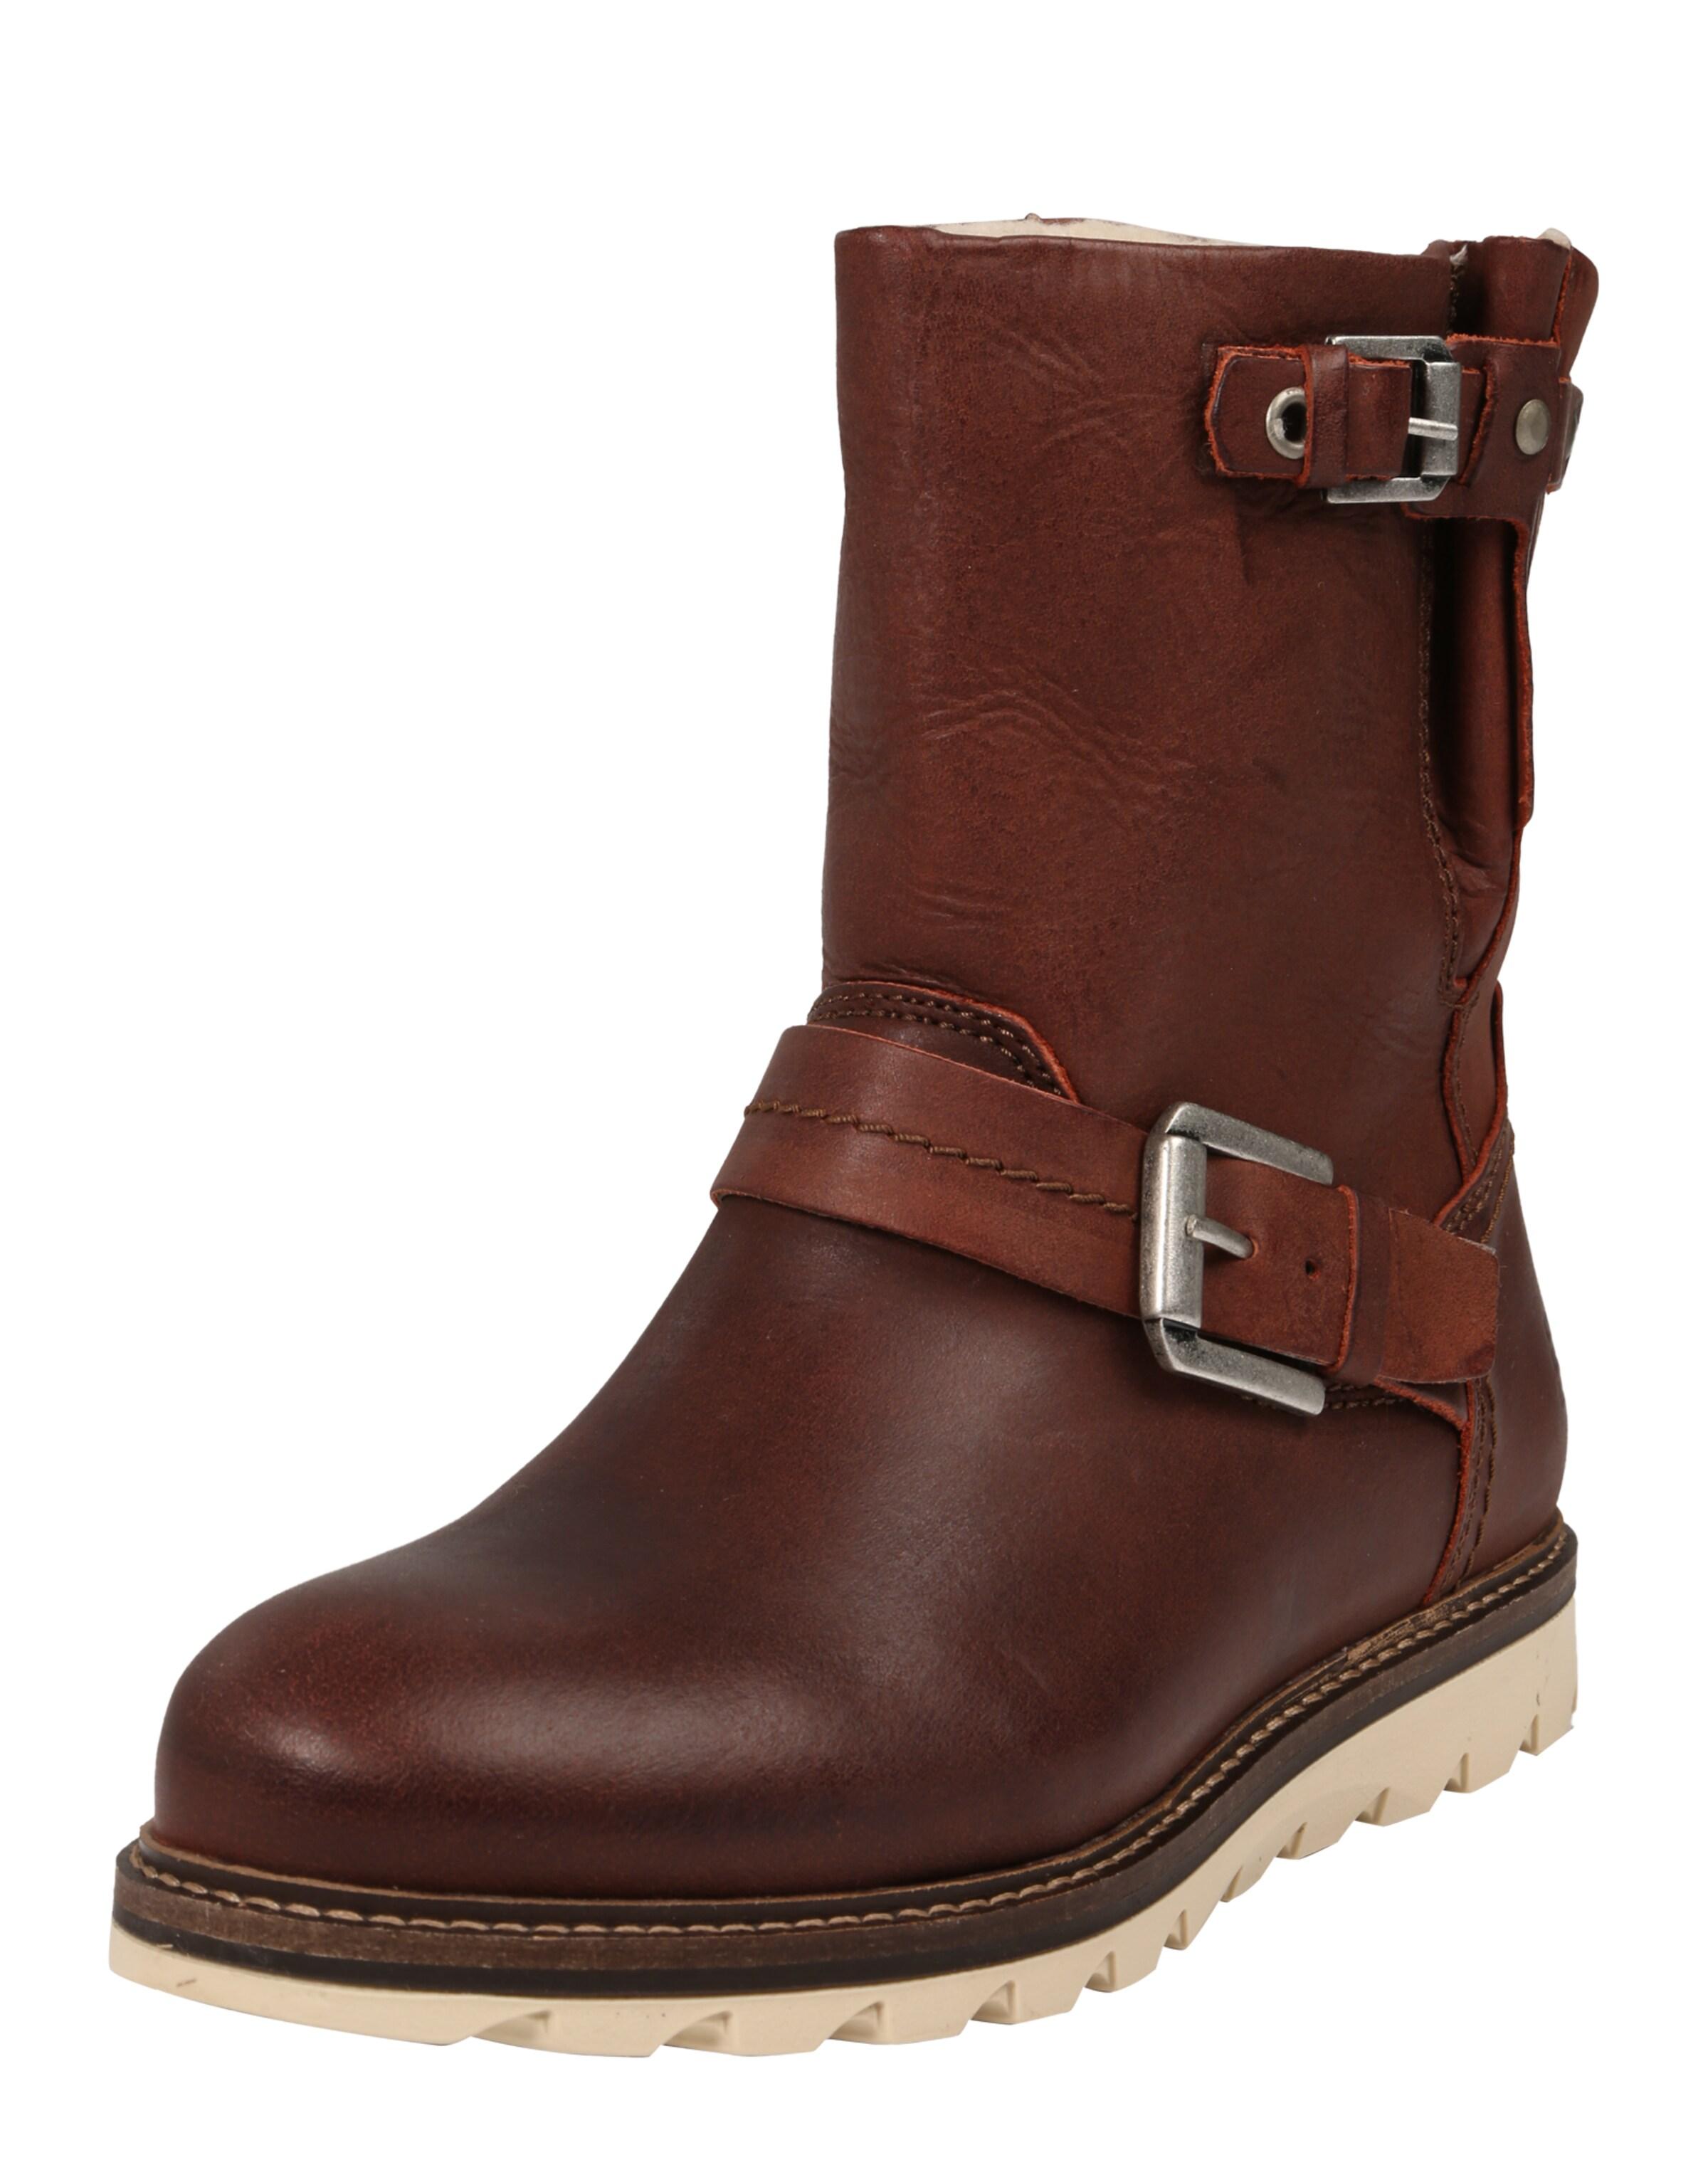 BULLBOXER Leder-Stiefel mit Schnallen Verschleißfeste billige Schuhe